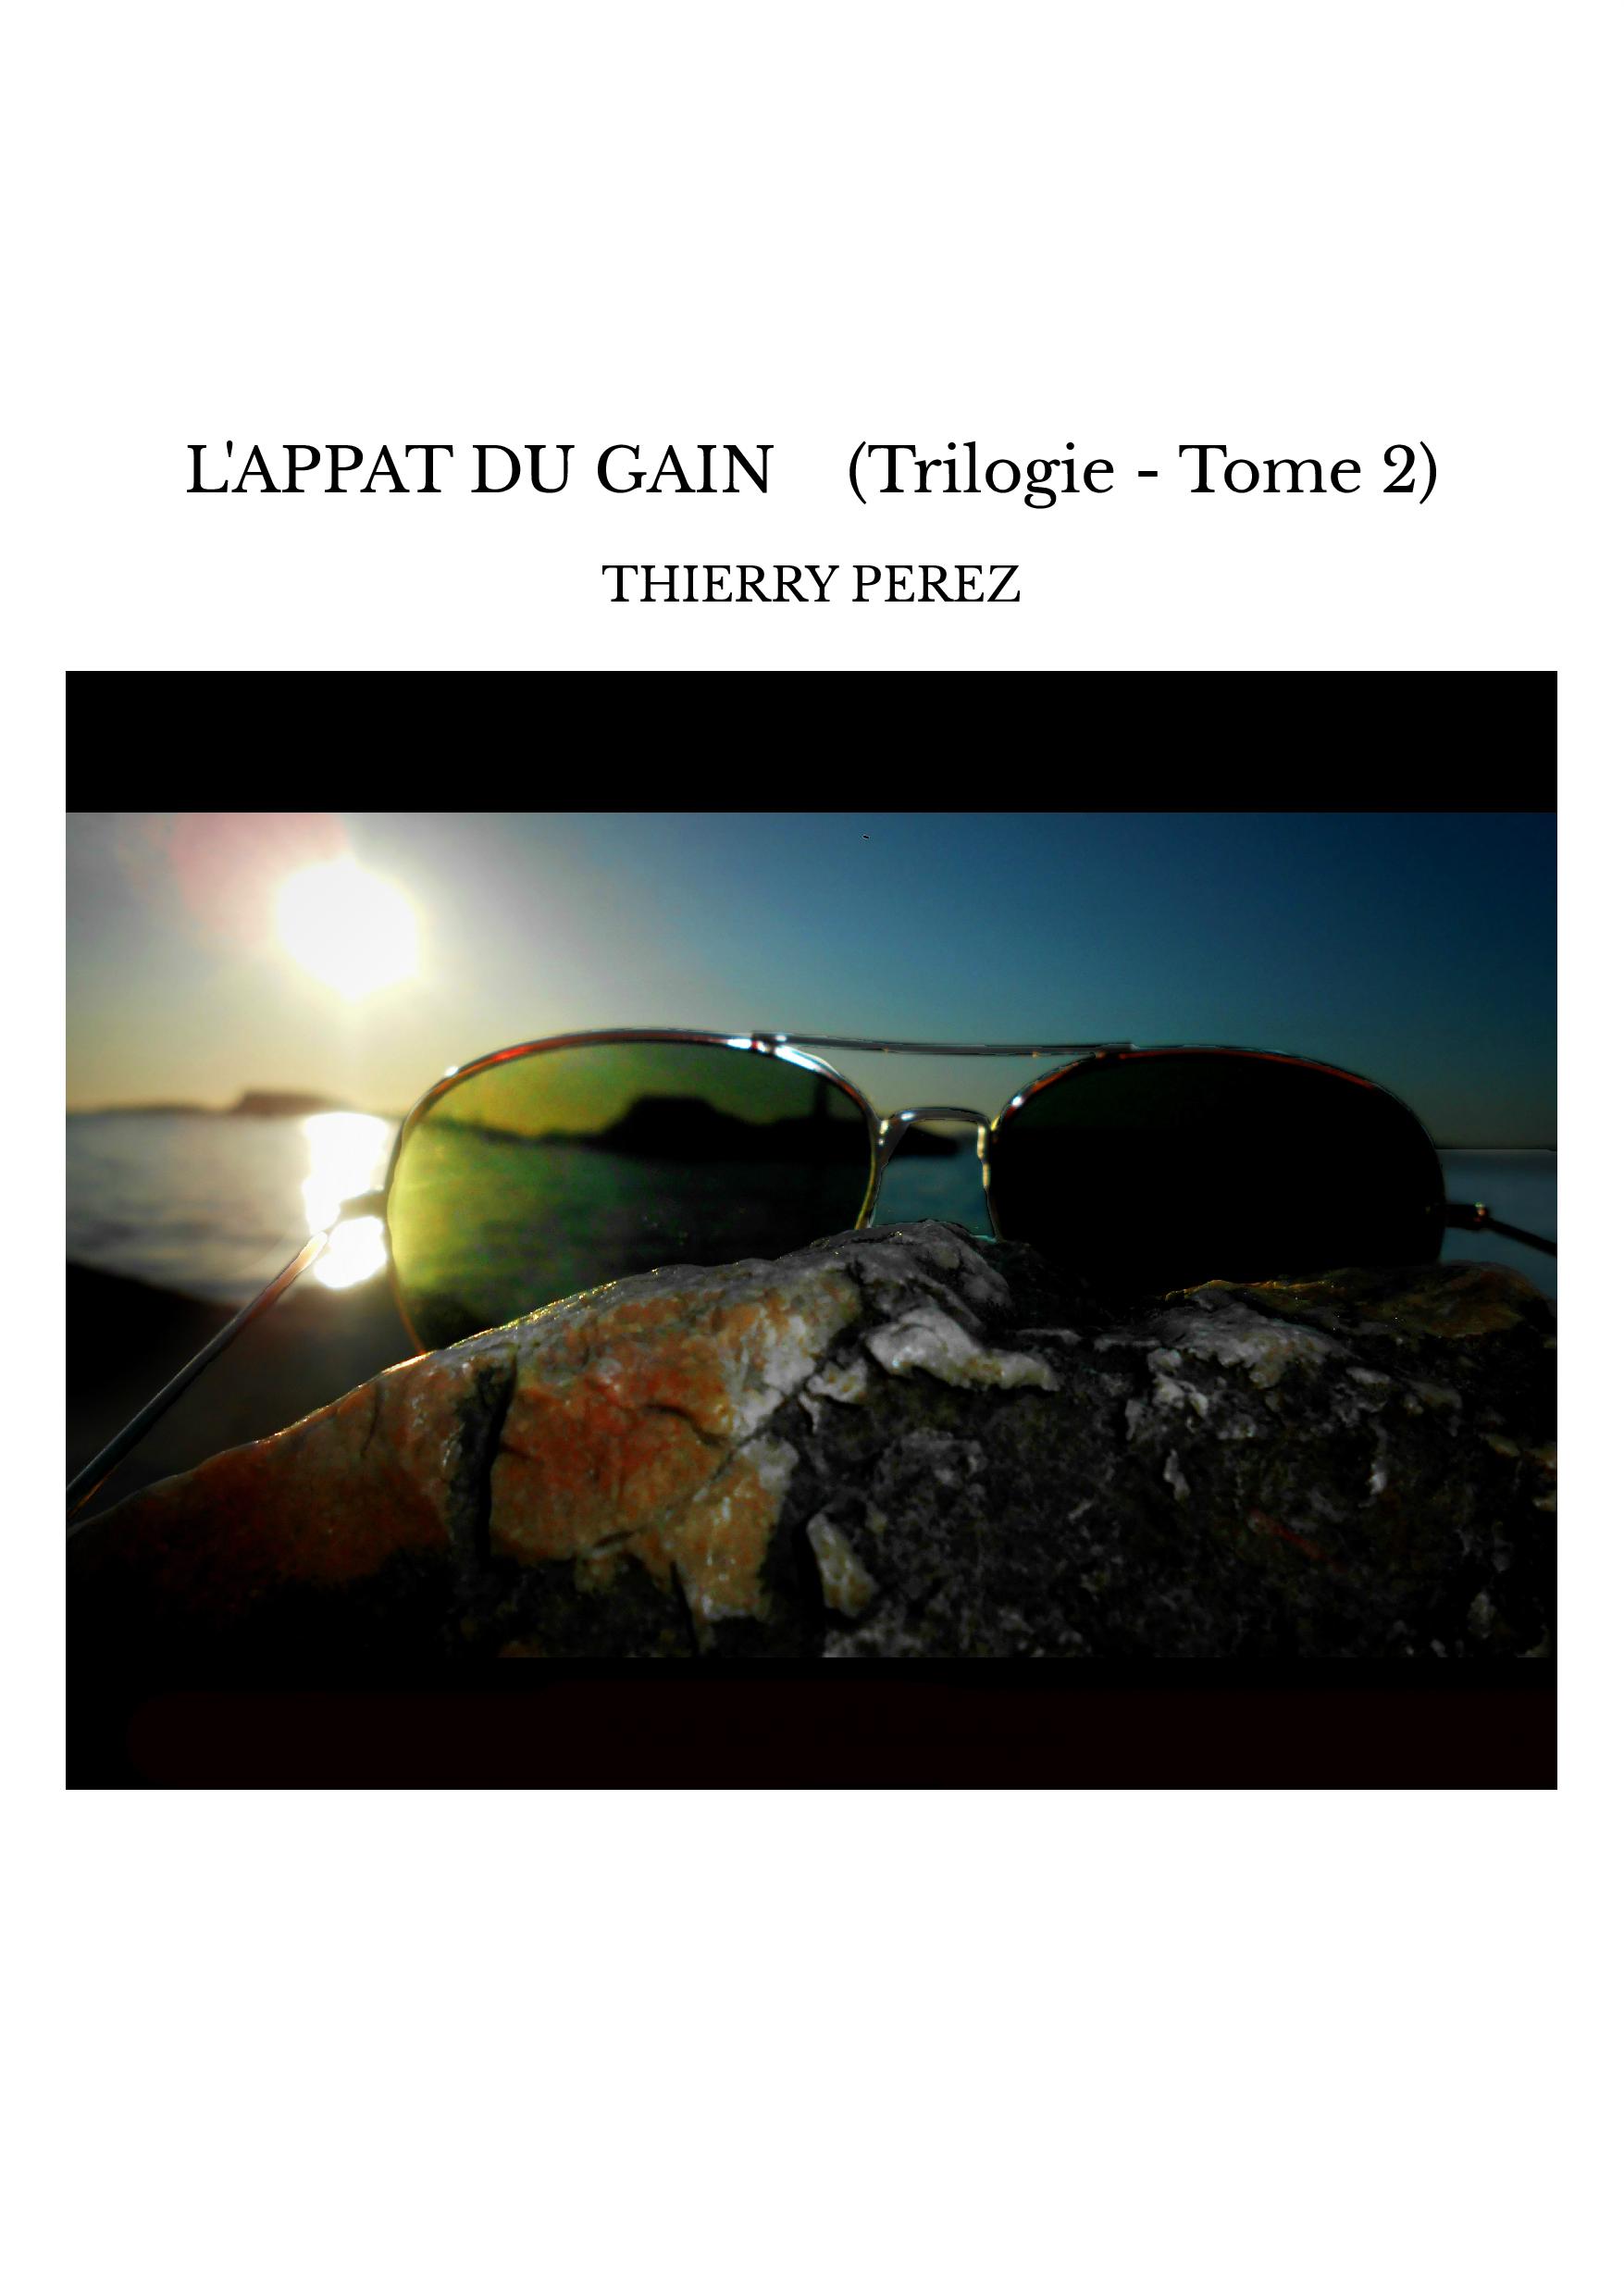 L'APPAT DU GAIN (Trilogie - Tome 2)